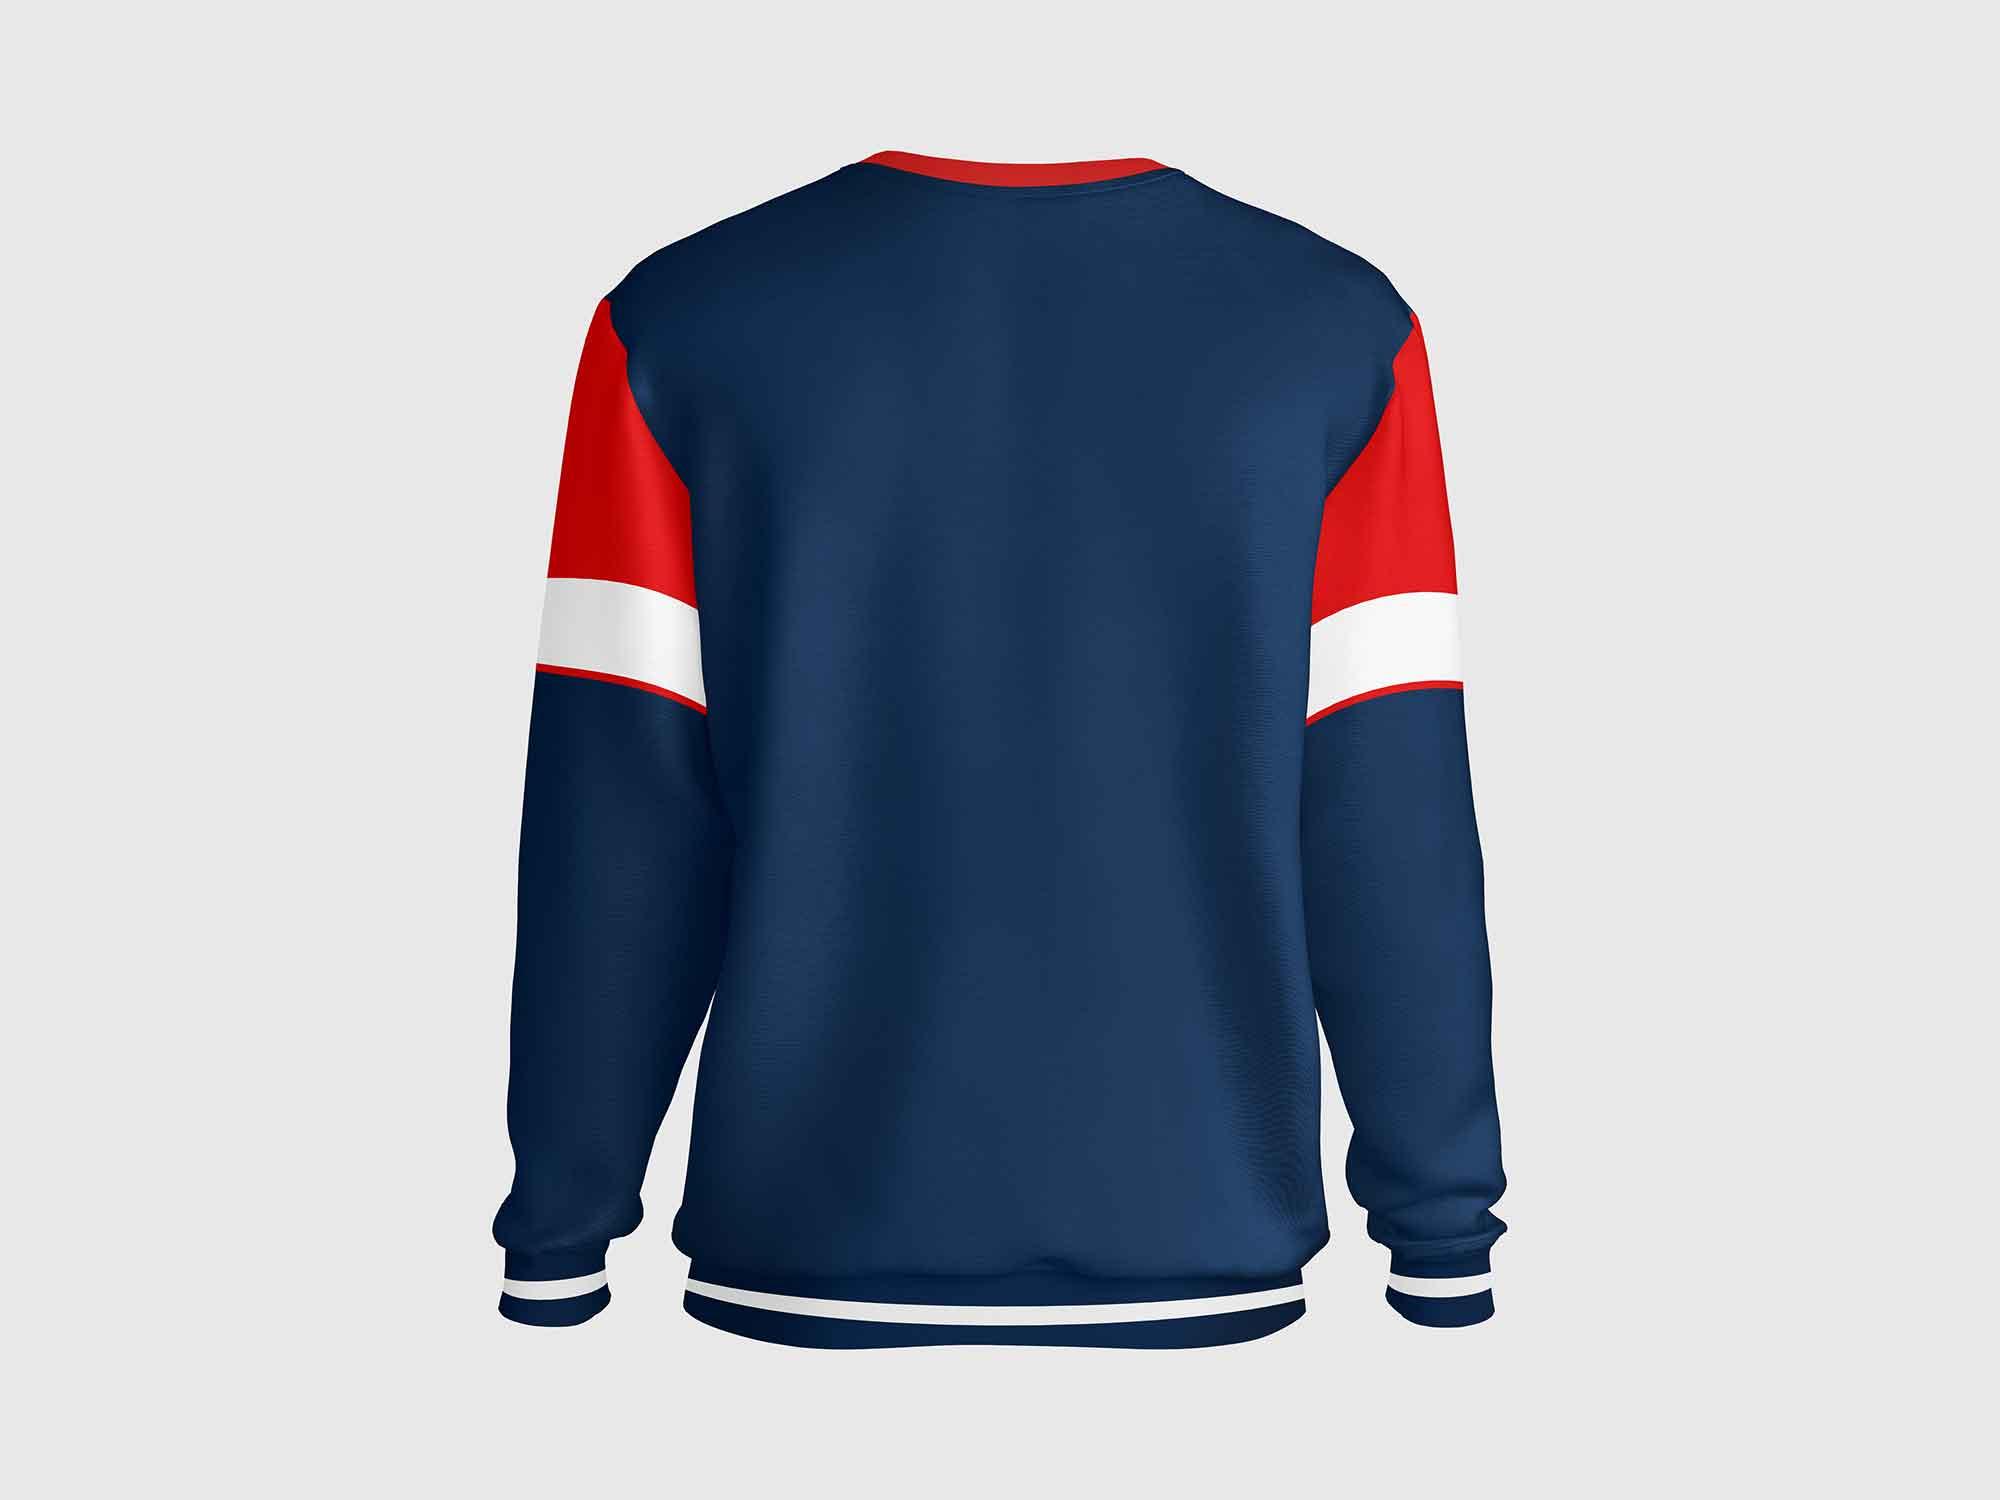 Sweatshirt Mockup Back